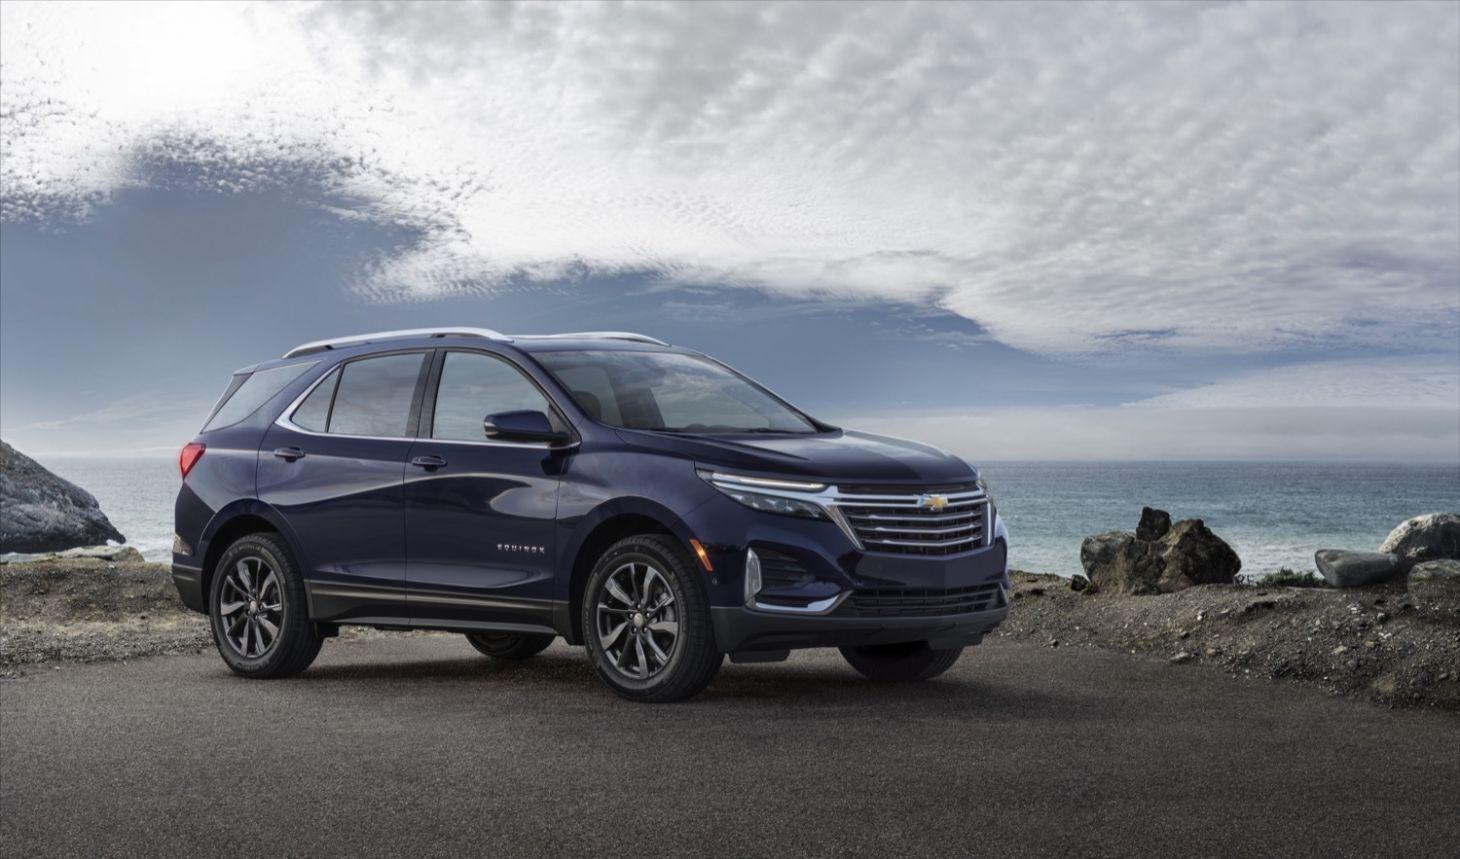 SUV chevrolet equinox 2021 de frente: lançamentos de carros em 2020 podem atrasar devido ao coronavírus